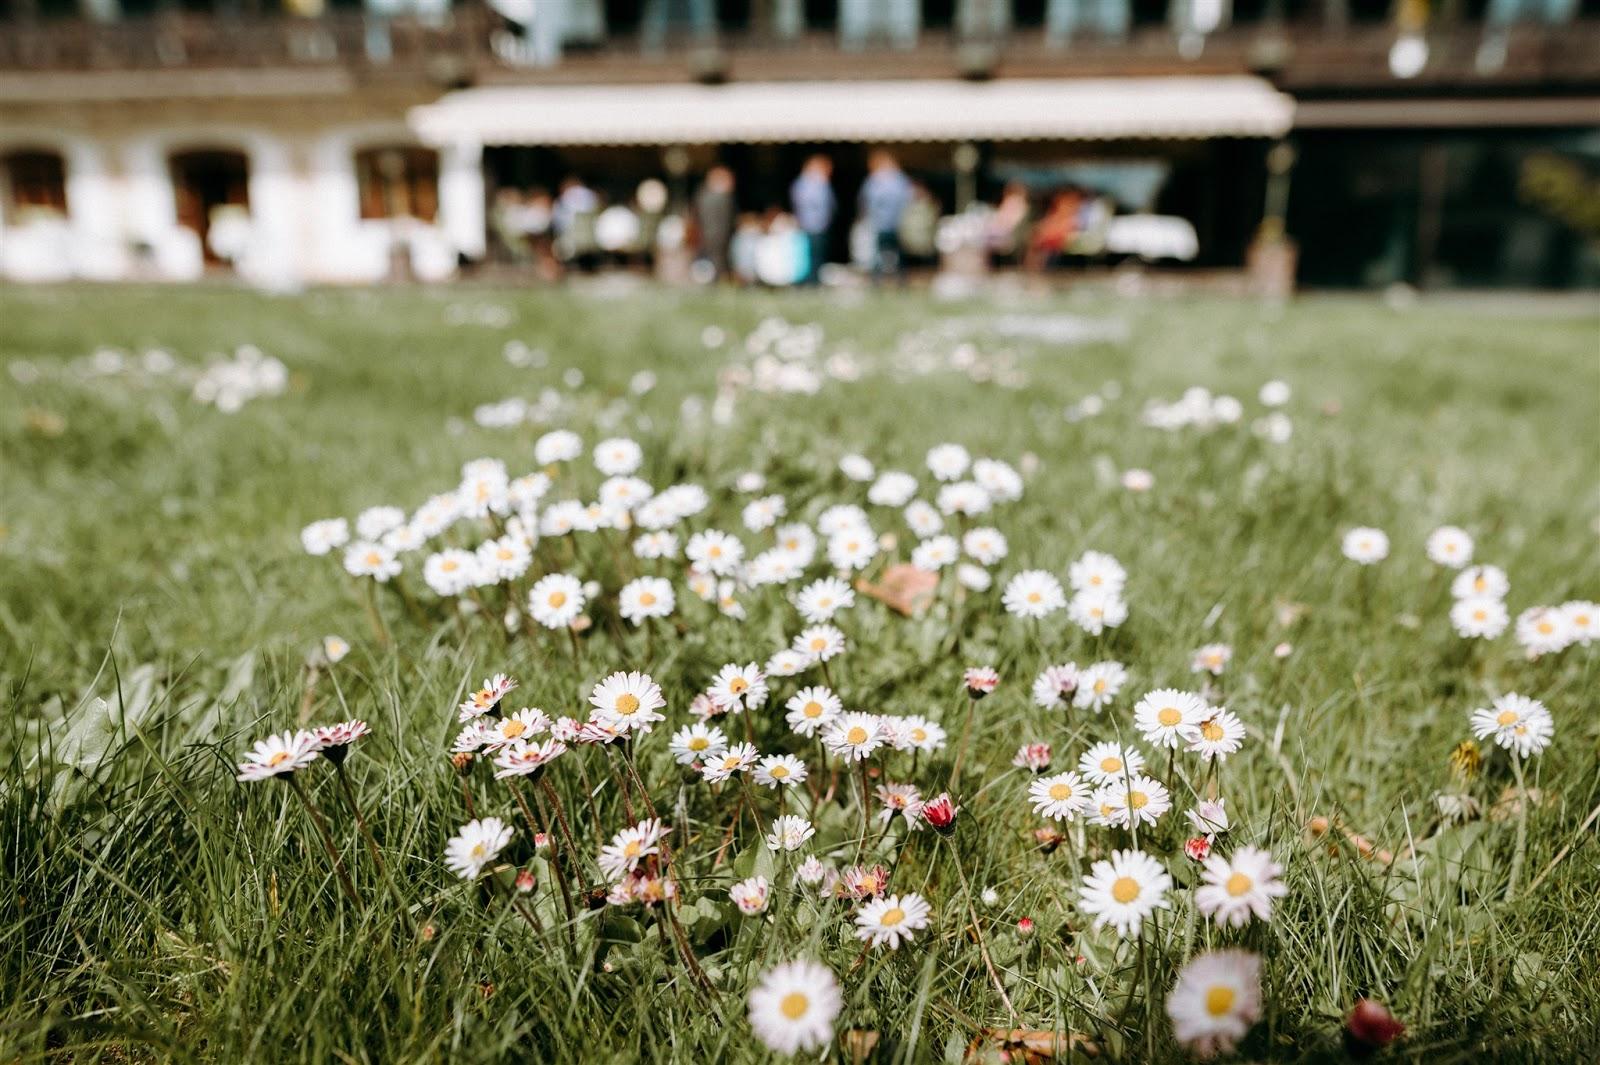 Daisies, Mountain wedding, Berghochzeit, destination wedding Bavaria, Wallgau, photo credit Magnus Winterholler Gipfelliebe, wedding planner Uschi Glas 4 weddings & events